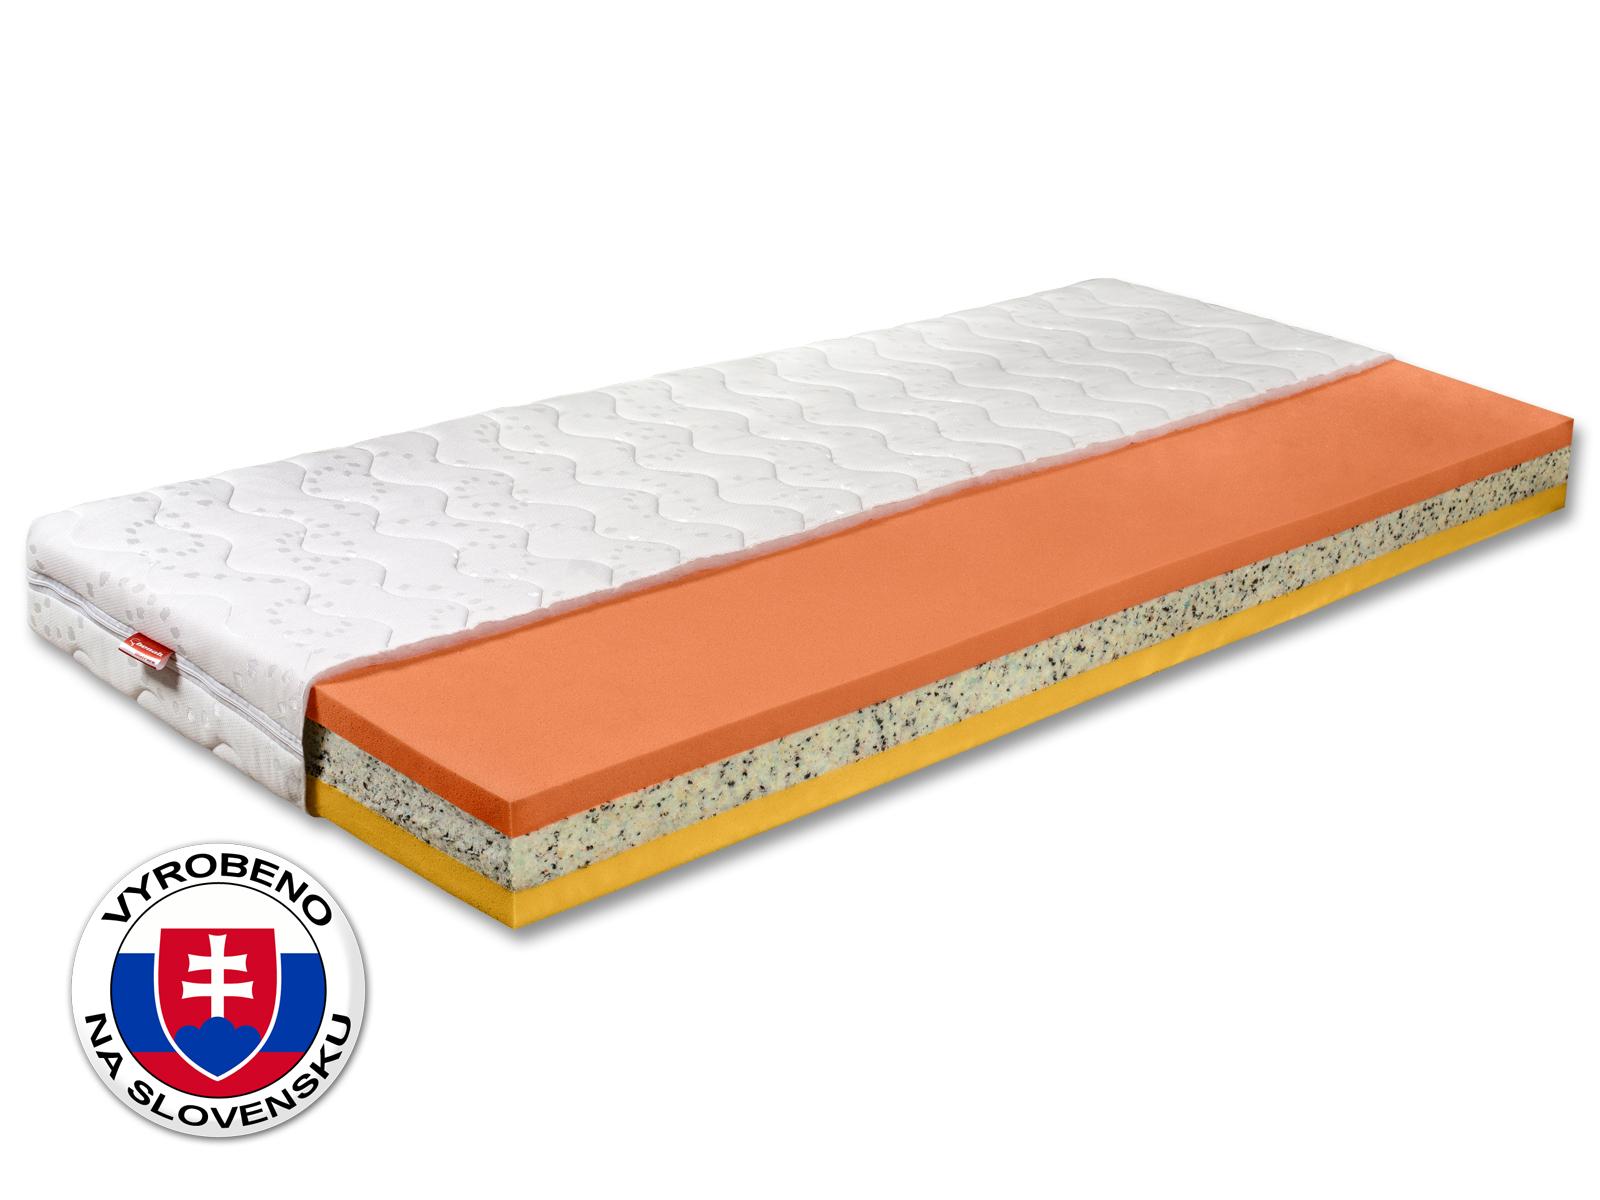 Pěnová matrace - Benab - Hard Plus - 200x80 cm (T3/T4). Oblíbená, vzdušná, zdravotní sendvičová matrace se zvýšenou nosností a obsahem vysoce kvalitní HR studené pěny, pro maximální ortopedické účinky a pohodlí.